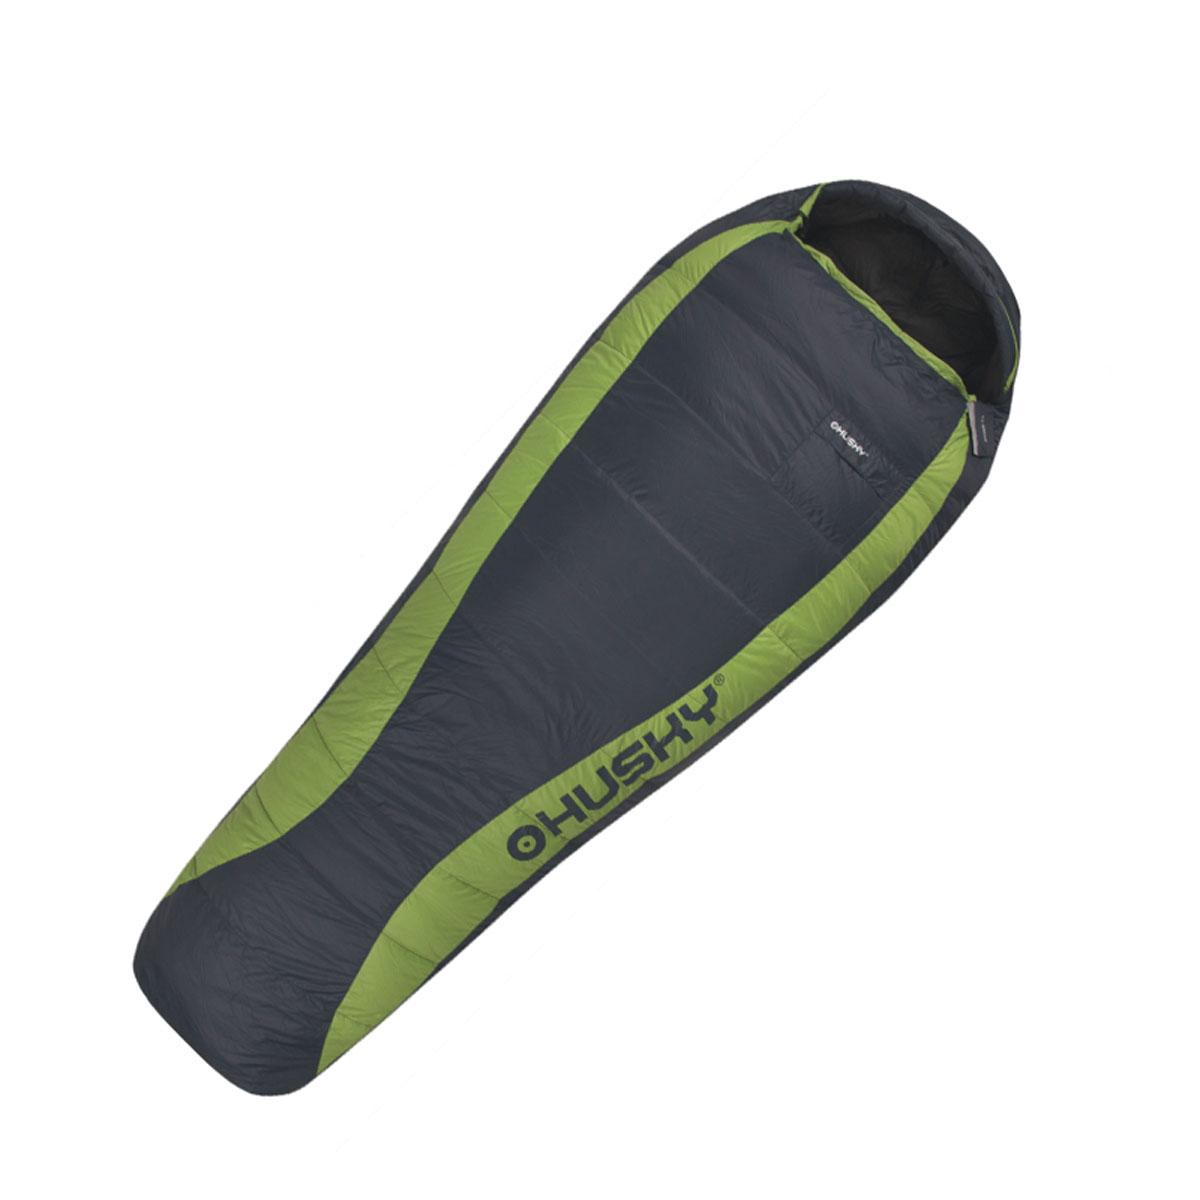 Спальный мешок Husky Dinis, правосторонняя молния, цвет: серый, зеленыйс58836Пуховый спальный мешок с весом всего 830 грамм.Самые современные ткани, внутренний воротник, антискользящие полосы, карманы снаружи и внутри, теплыемолнии YKK, компрессионный мешок.Внутренний материал: 380T нейлон.Внешний материал: 20D нейлон Tactel.Утеплитель: гусиный пух 90/10 700 cuin.